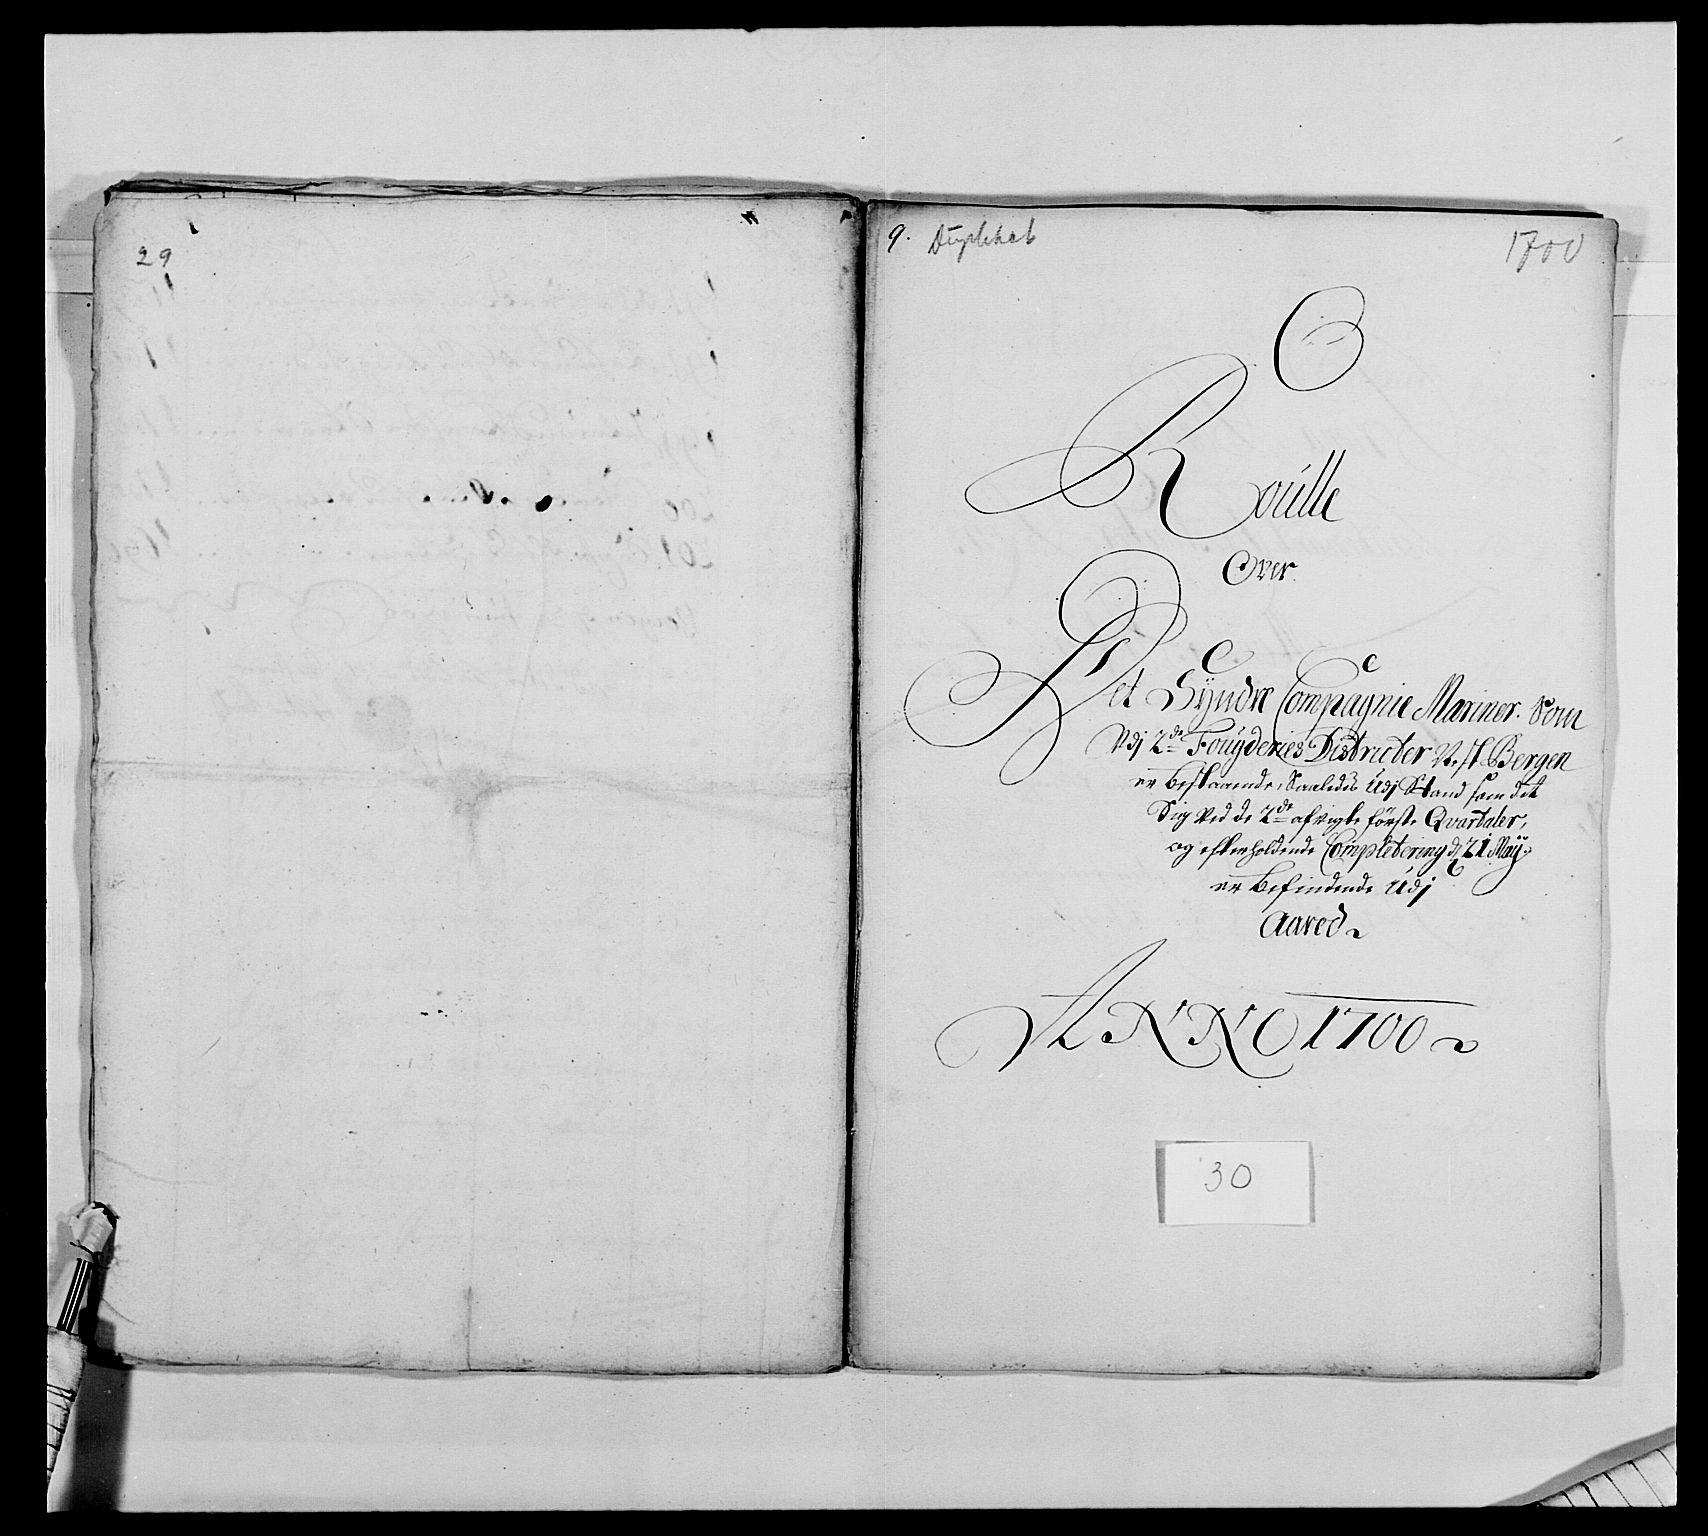 RA, Kommanderende general (KG I) med Det norske krigsdirektorium, E/Ea/L0473: Marineregimentet, 1664-1700, s. 311